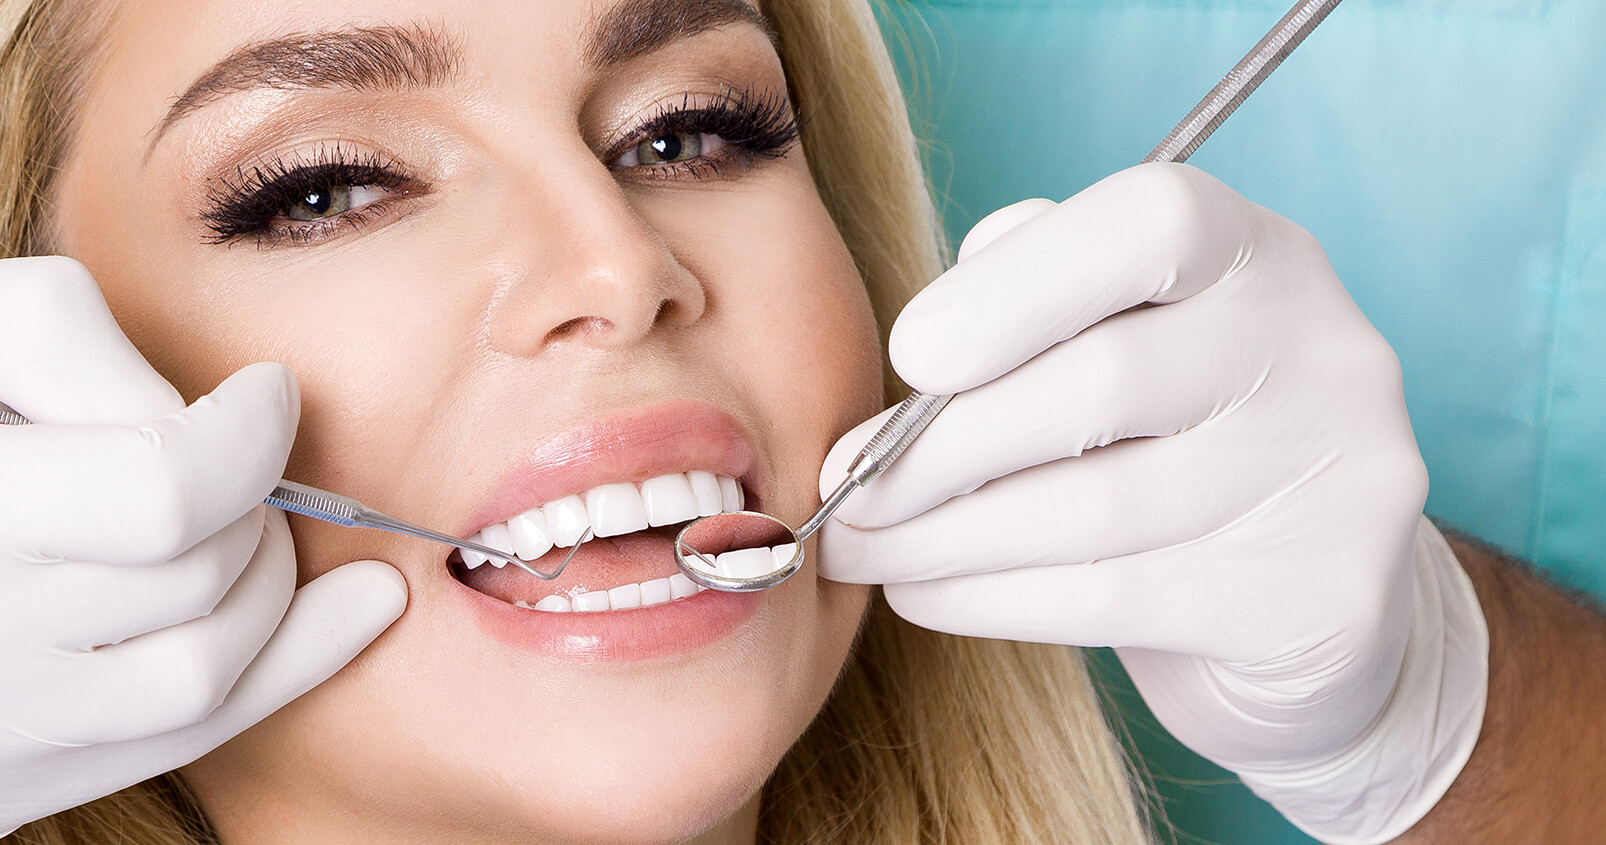 Porcelain Teeth Veneers at Gentle Care Dentistry in Azusa CA Area